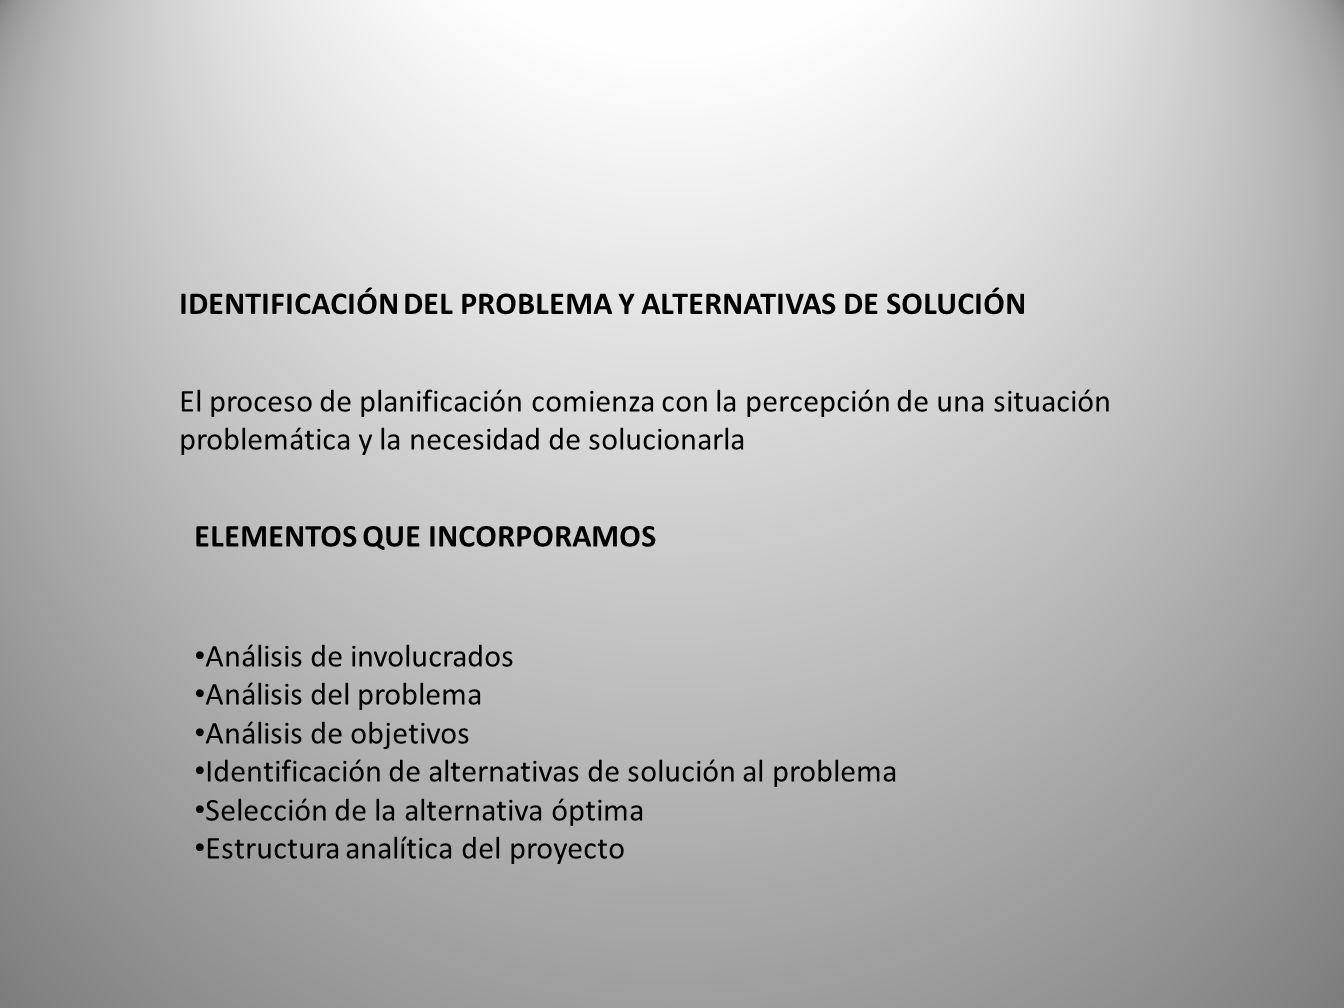 IDENTIFICACIÓN DEL PROBLEMA Y ALTERNATIVAS DE SOLUCIÓN El proceso de planificación comienza con la percepción de una situación problemática y la necesidad de solucionarla ELEMENTOS QUE INCORPORAMOS Análisis de involucrados Análisis del problema Análisis de objetivos Identificación de alternativas de solución al problema Selección de la alternativa óptima Estructura analítica del proyecto